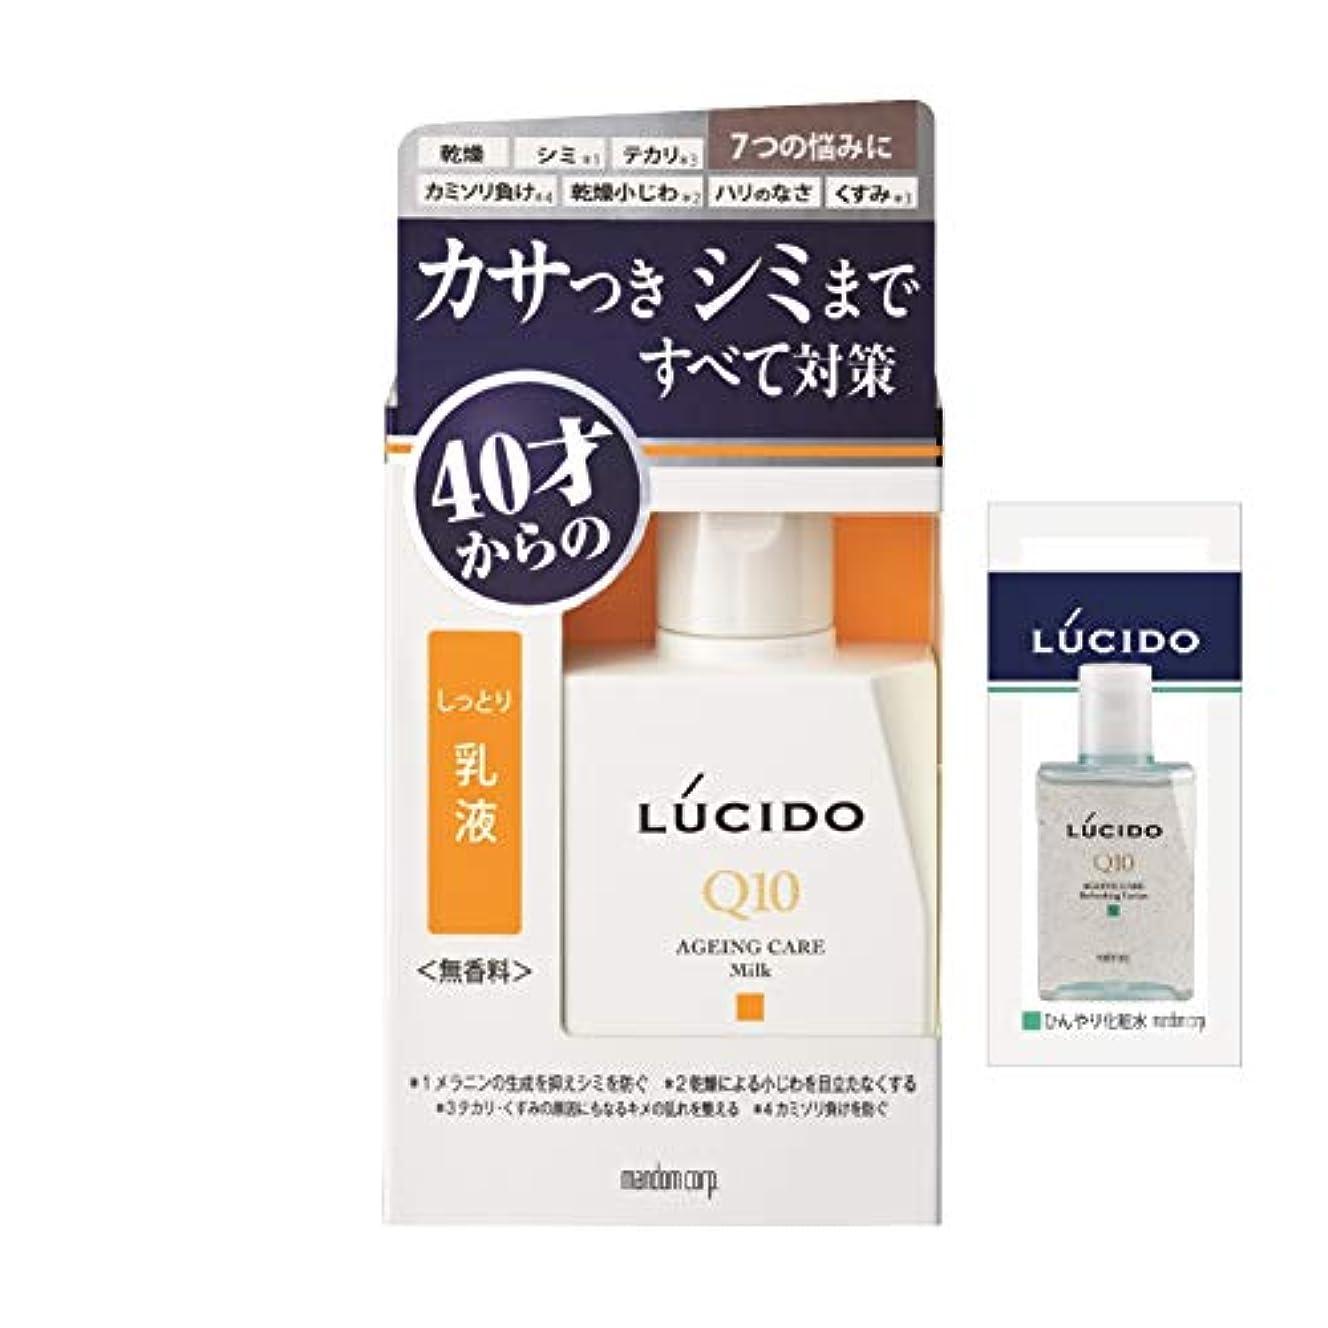 マディソンダウン雇用【Amazon.co.jp限定】 LUCIDO(ルシード) ルシード 薬用 トータルケア乳液 (医薬部外品) 100ml+サンプル付